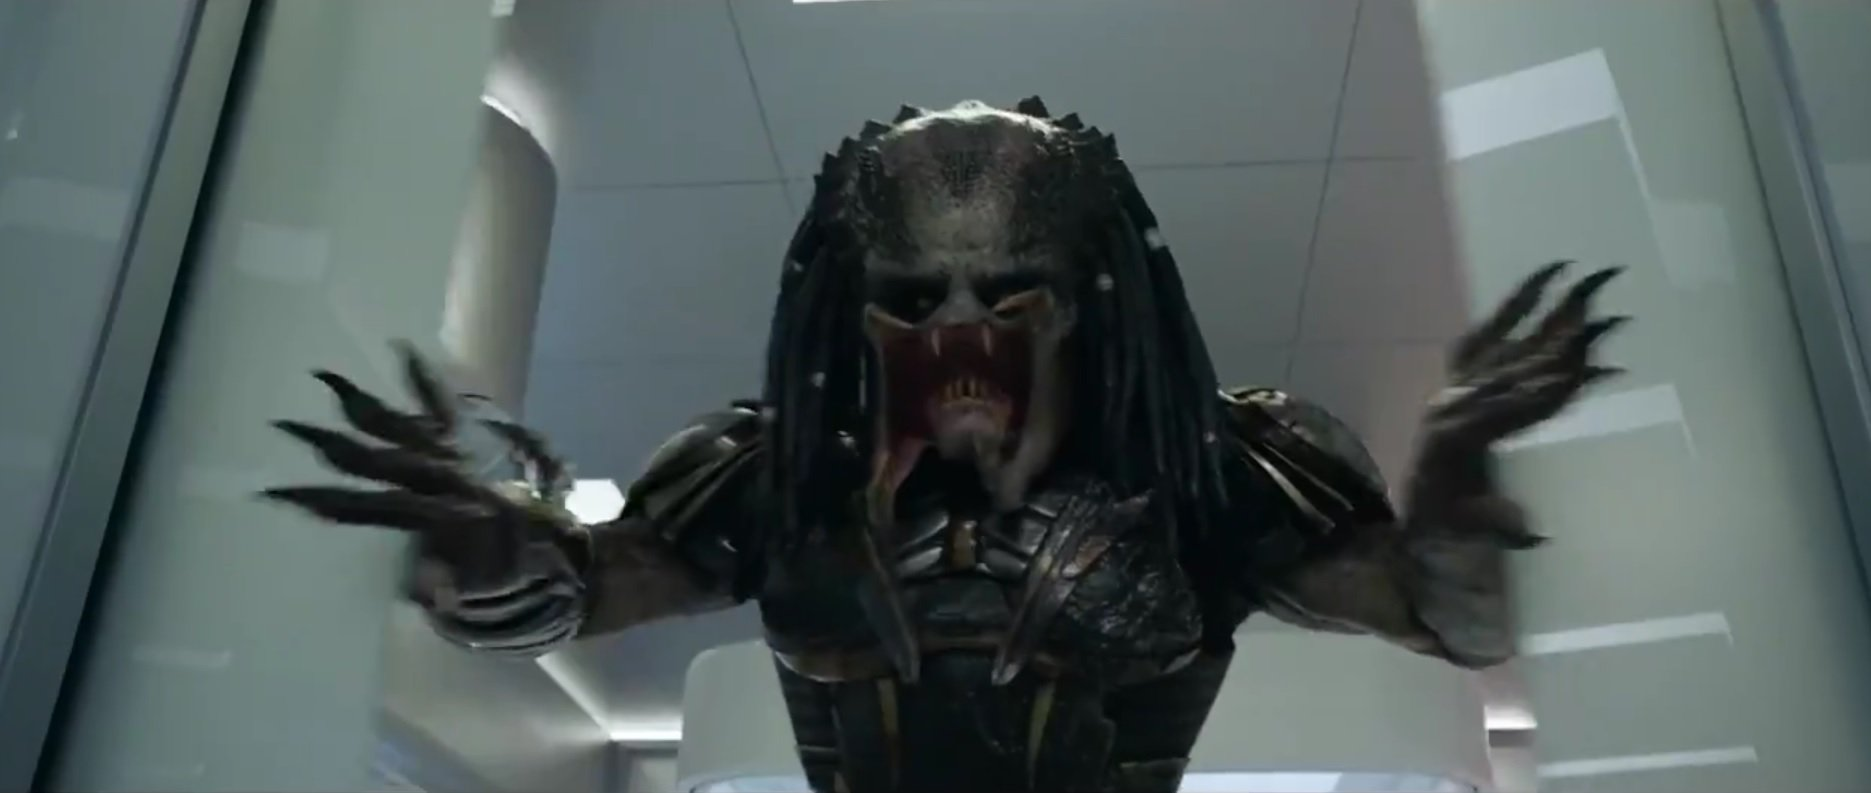 Predator - studio wymusiło zmiany. Co było w oryginalnej wersji?